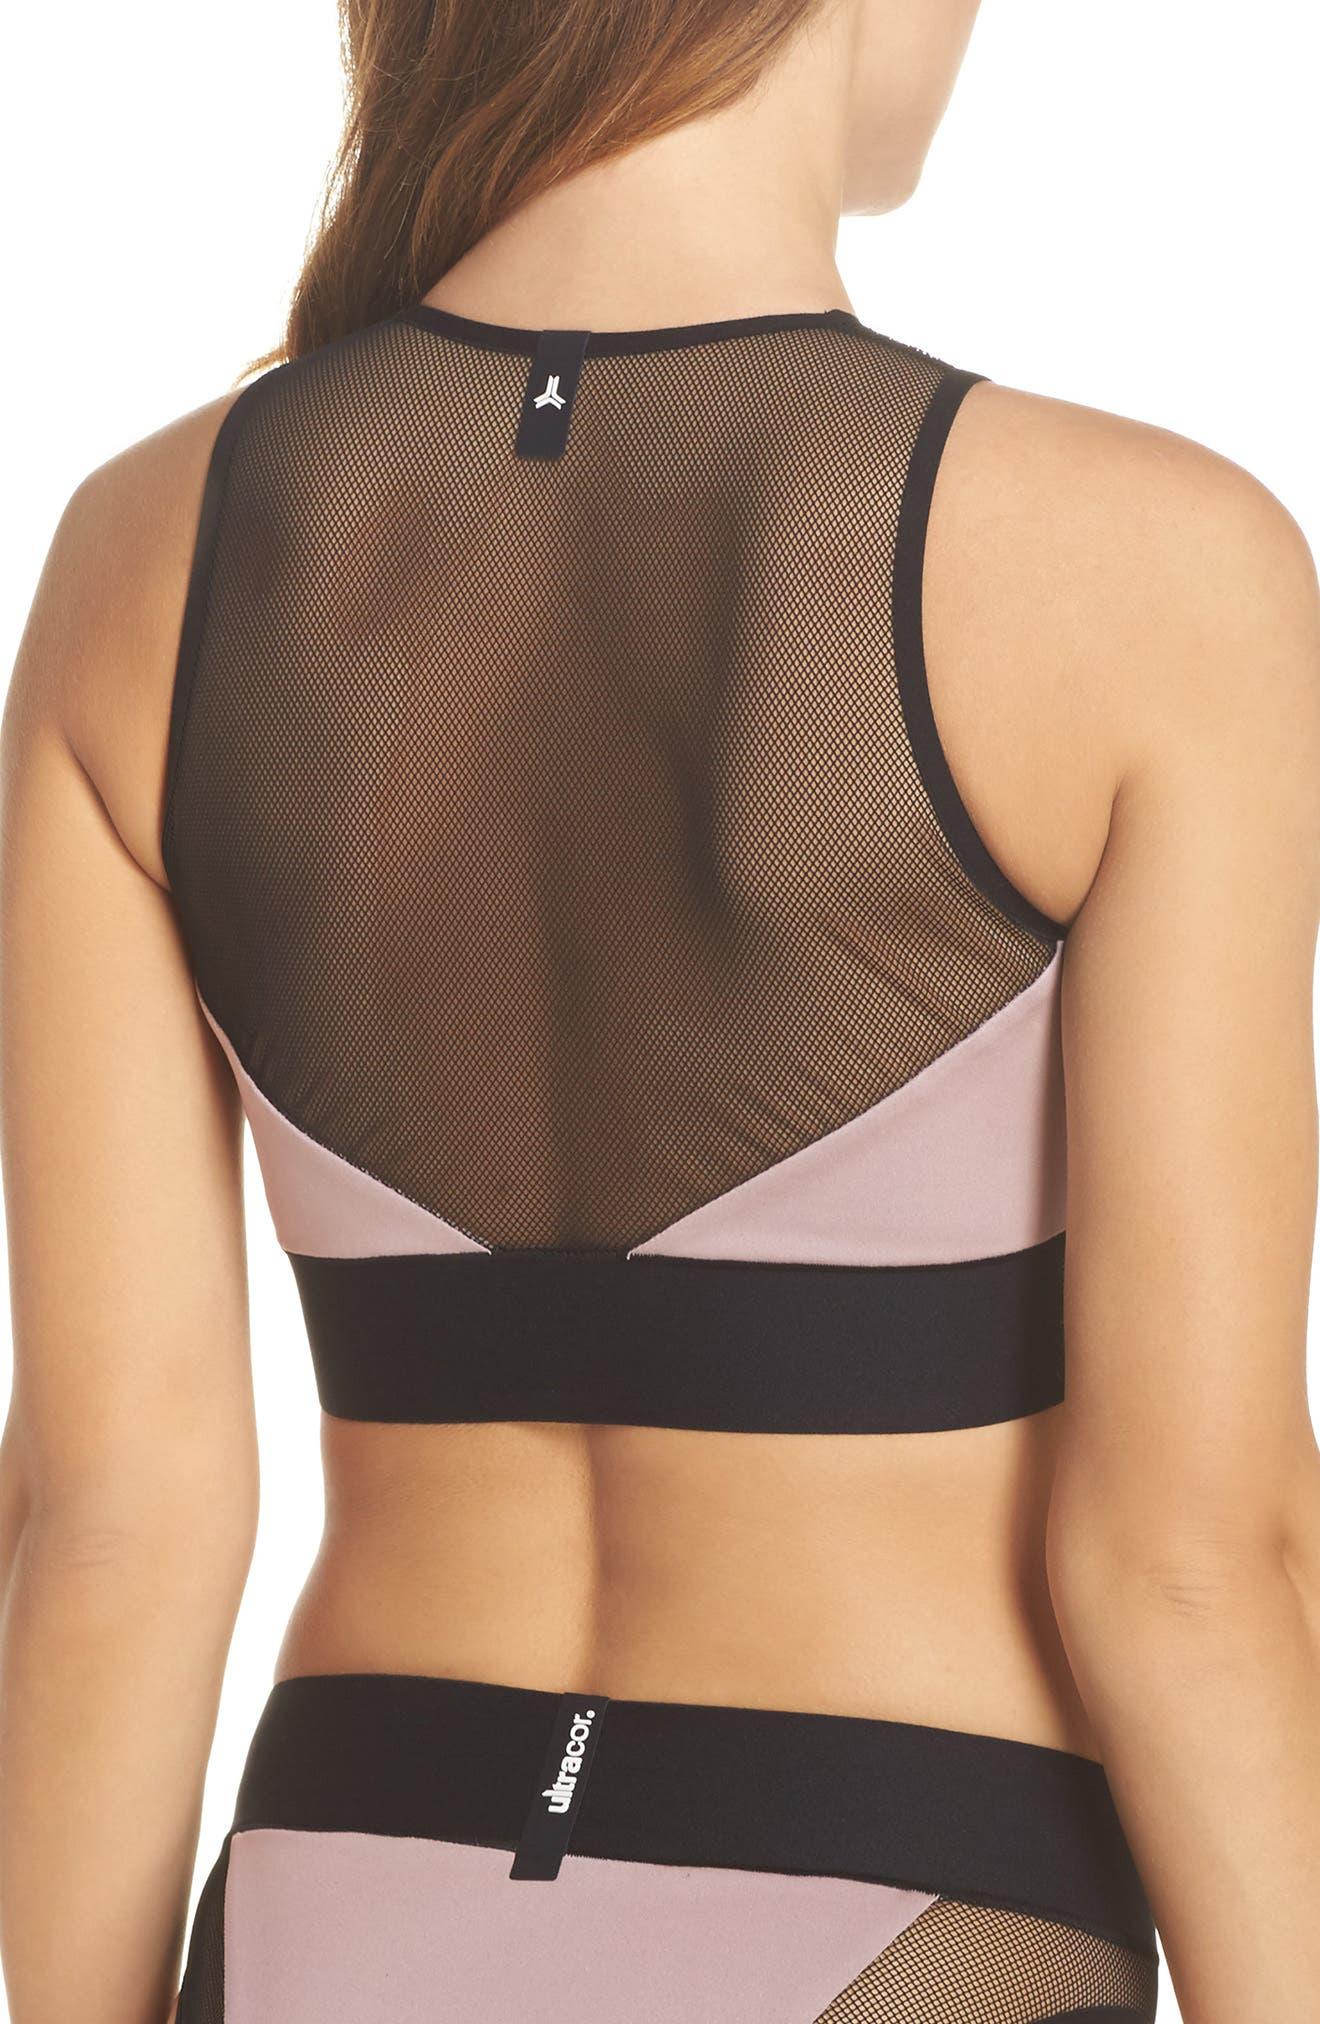 Adrift Sport Mesh Bikini Top,                             Alternate thumbnail 2, color,                             Blush Pink